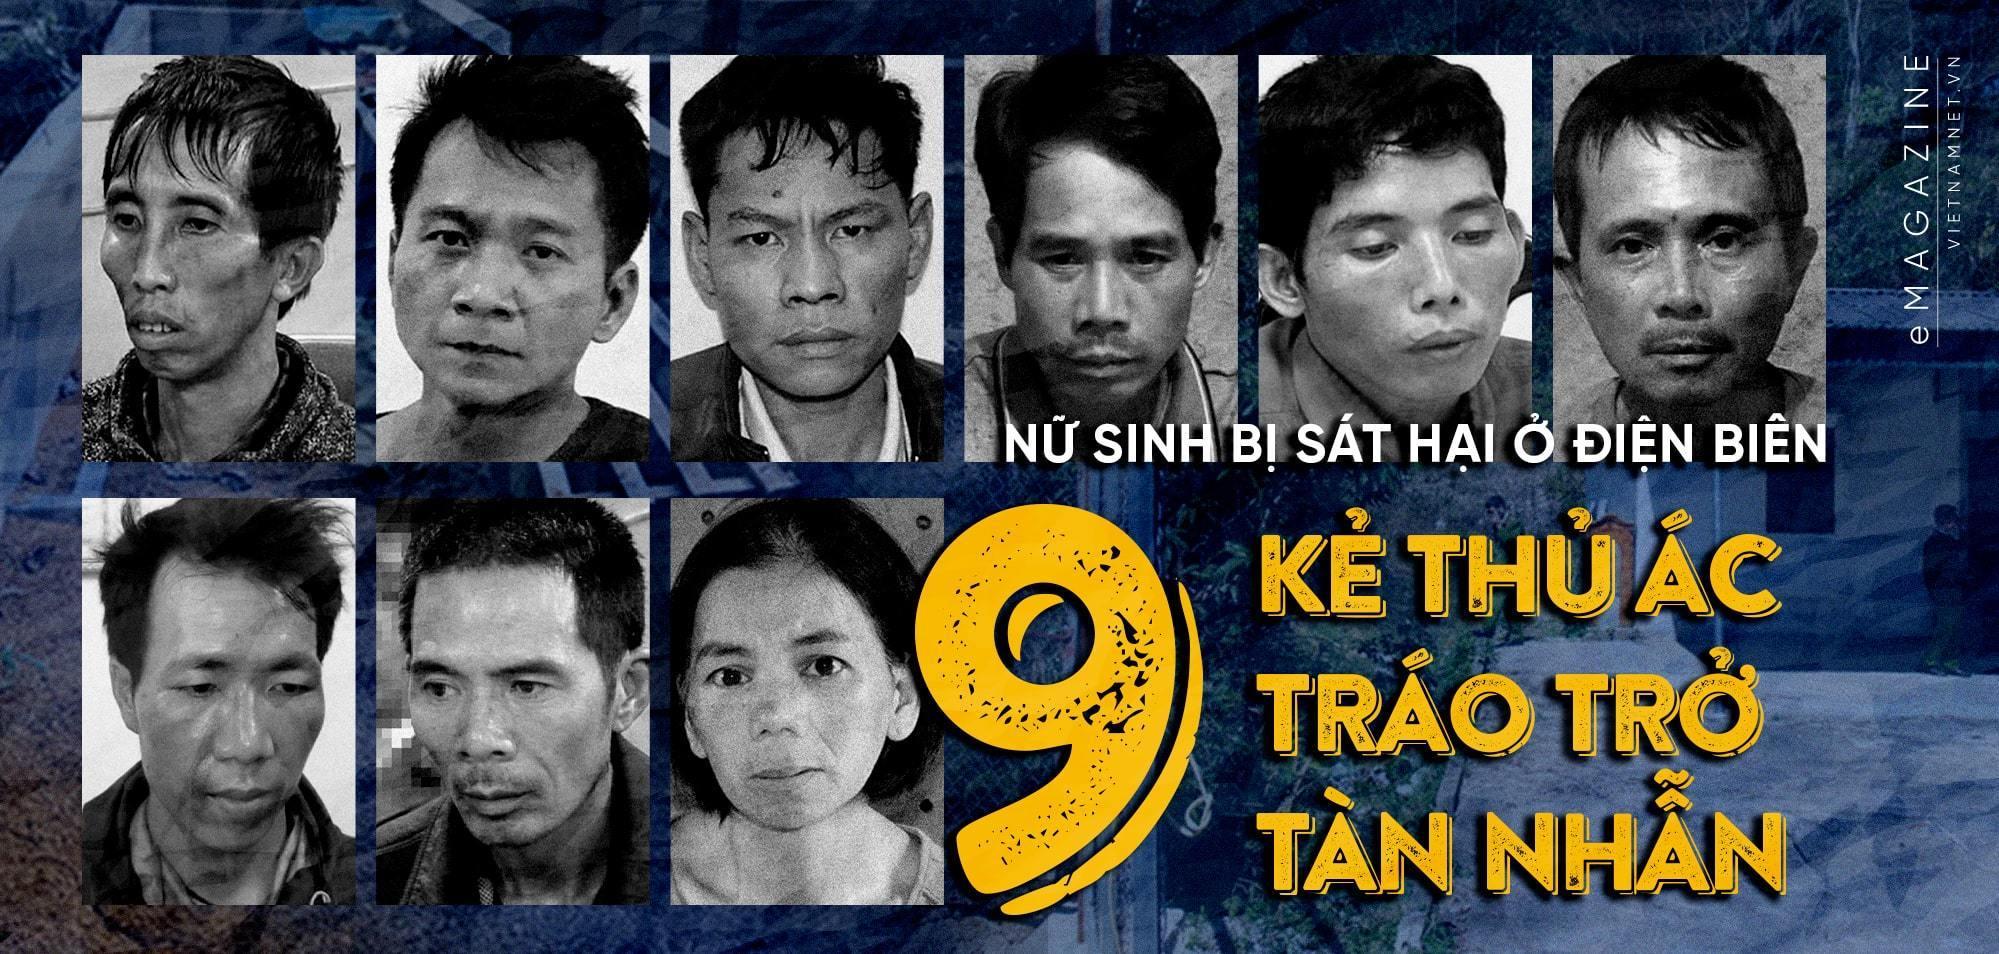 nữ sinh giao gà,Trần Thị Hiền,Cao Mỹ Duyên,vụ án giết người,Vì Văn Toán